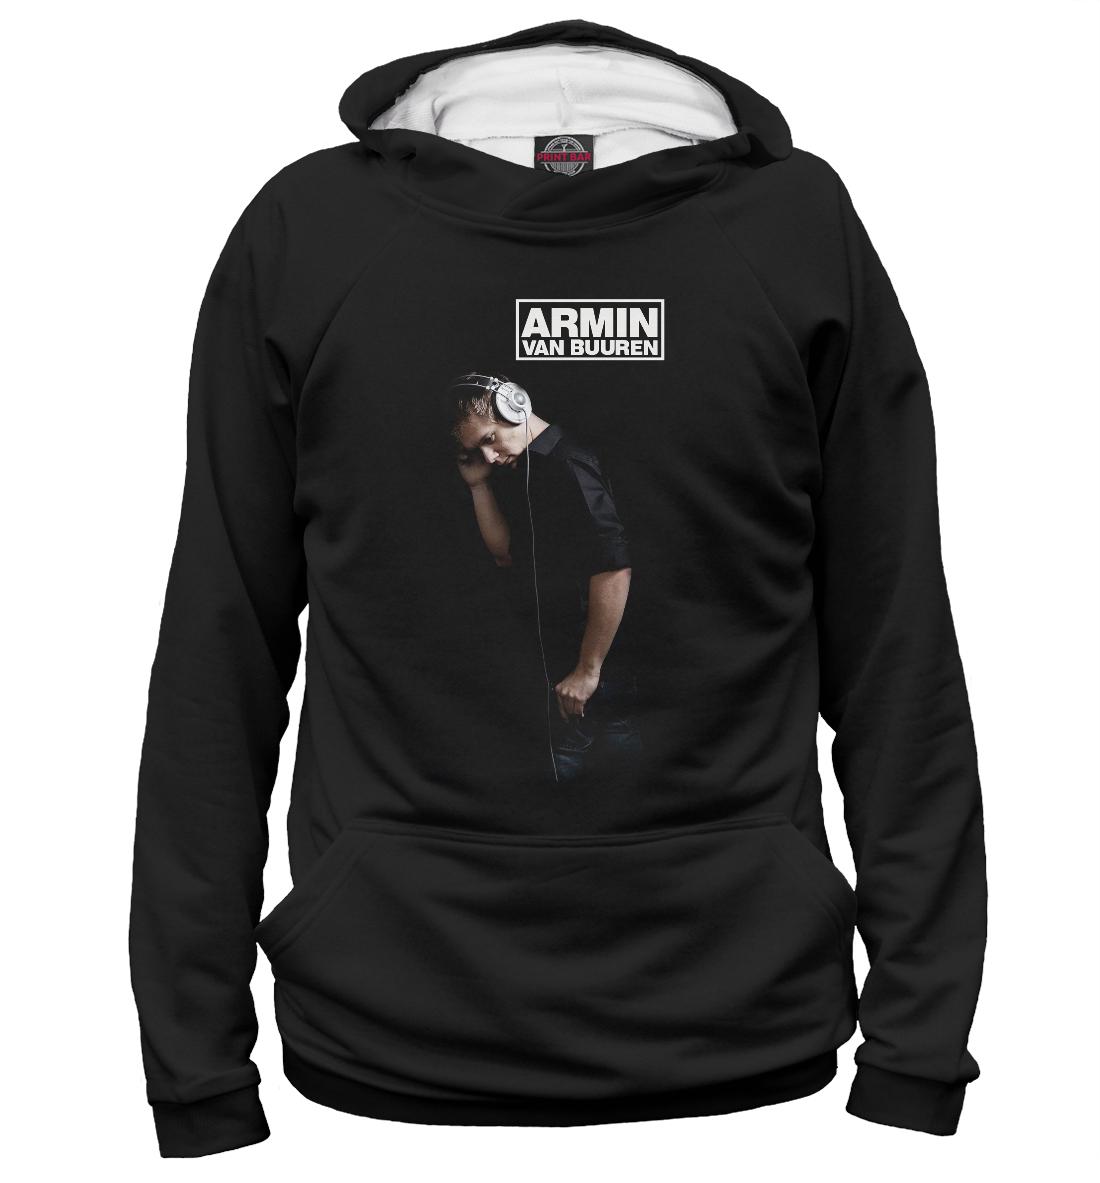 Купить Armin van Buuren, Printbar, Худи, AVB-751391-hud-2